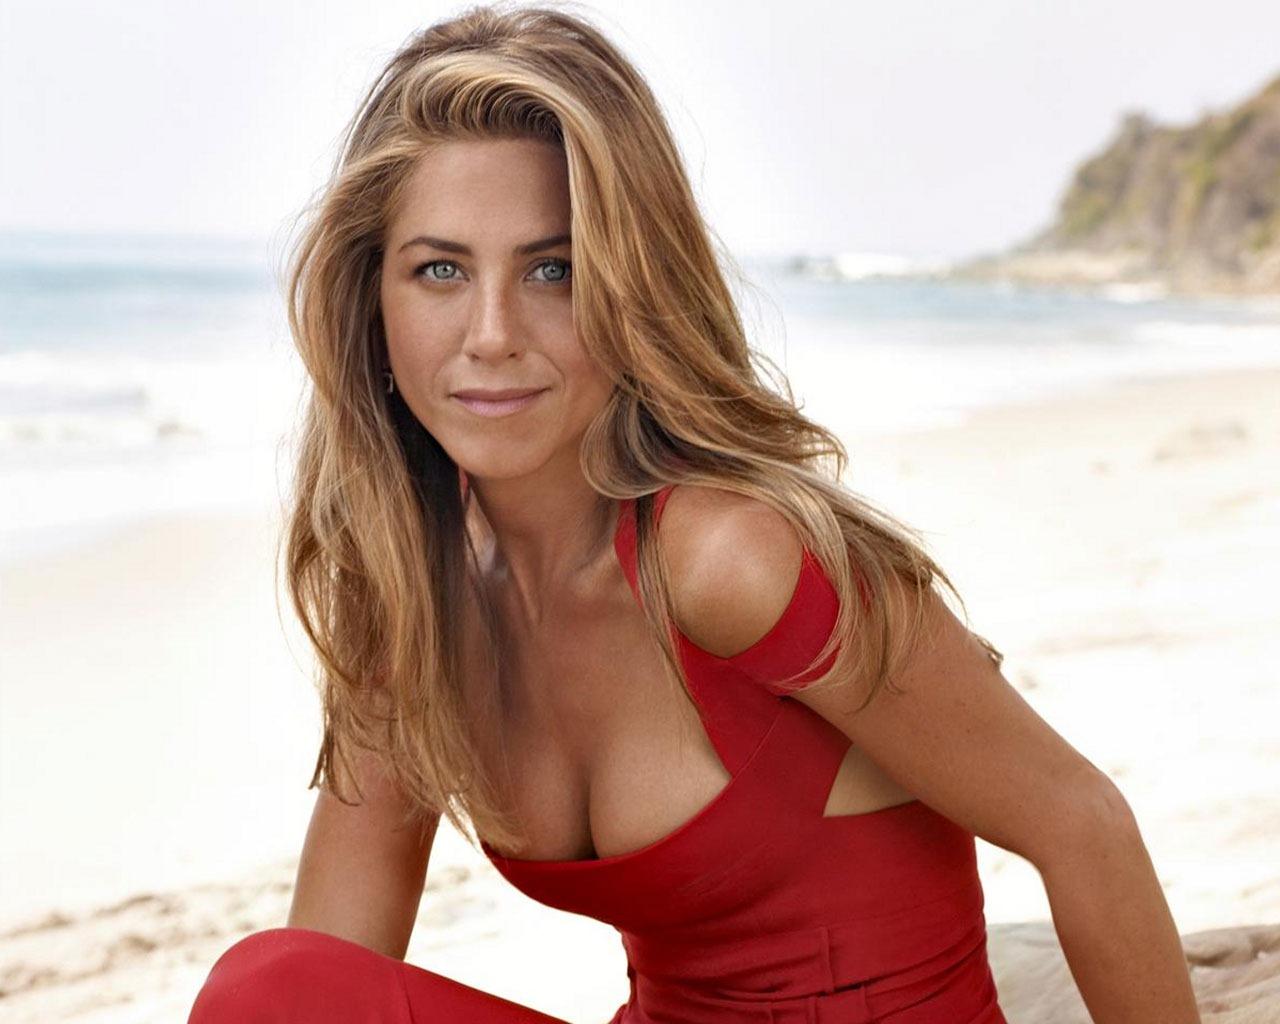 http://3.bp.blogspot.com/-HCRjAANjVcs/ULUsrgMSz3I/AAAAAAAAFdE/piLvM7UCBMY/s1600/Jennifer-Aniston-wallpaper-hd+2012+03.jpg